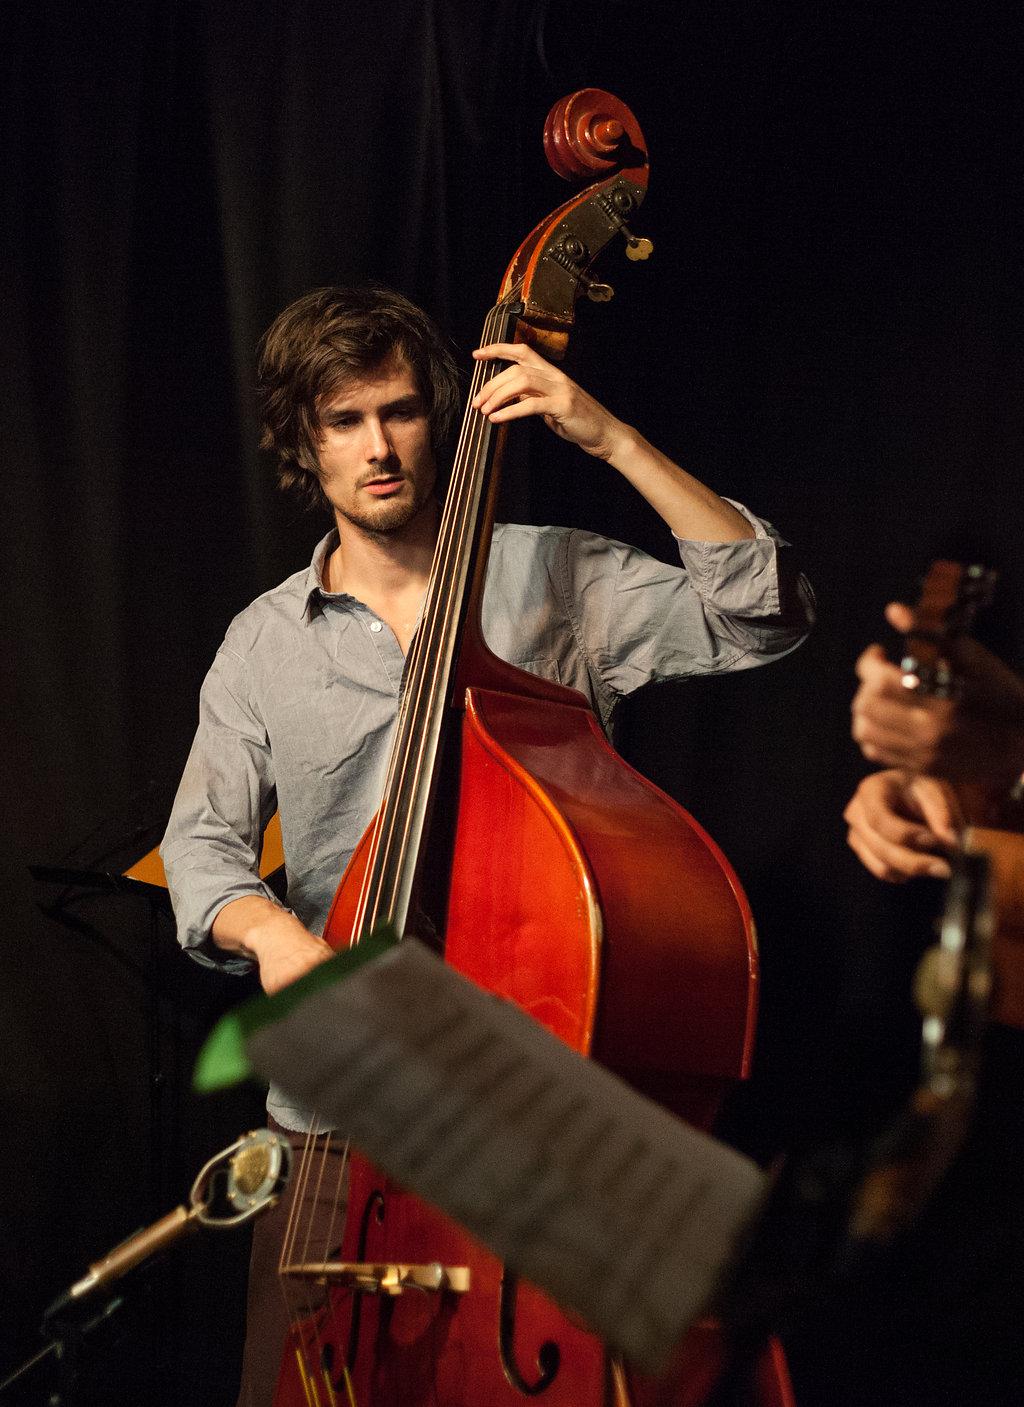 Marius Pibarot